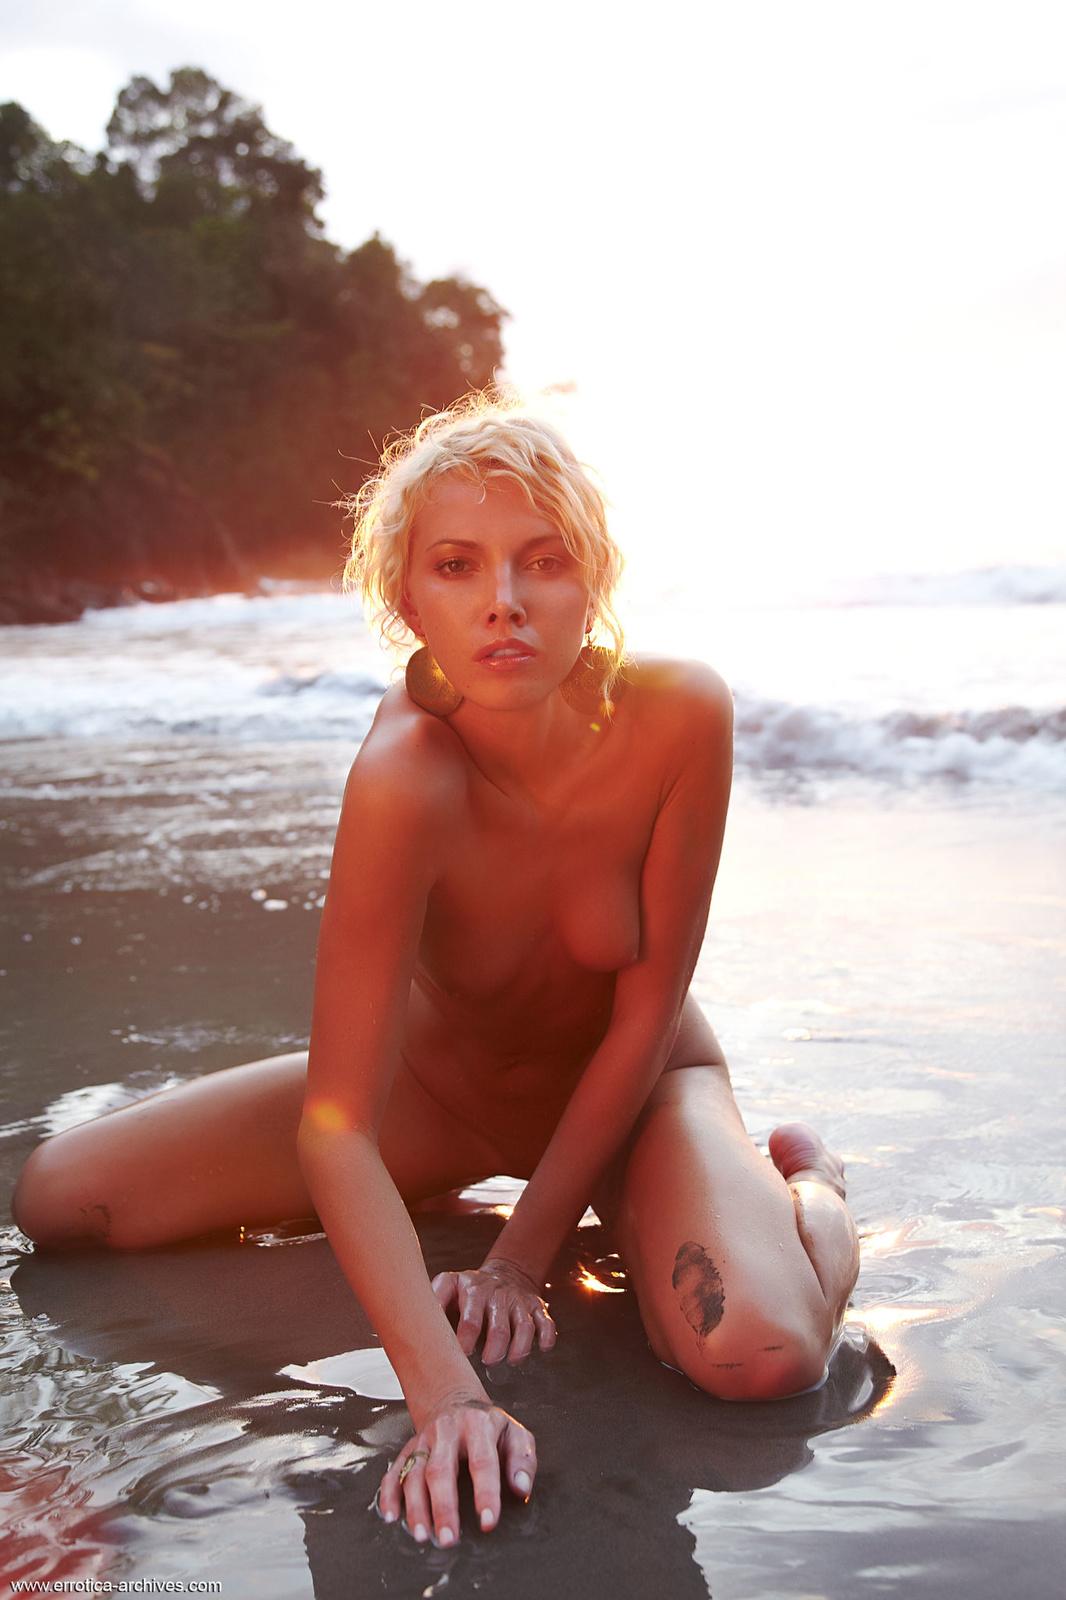 Zdjęcie porno - 0821 - Babeczka na plaży